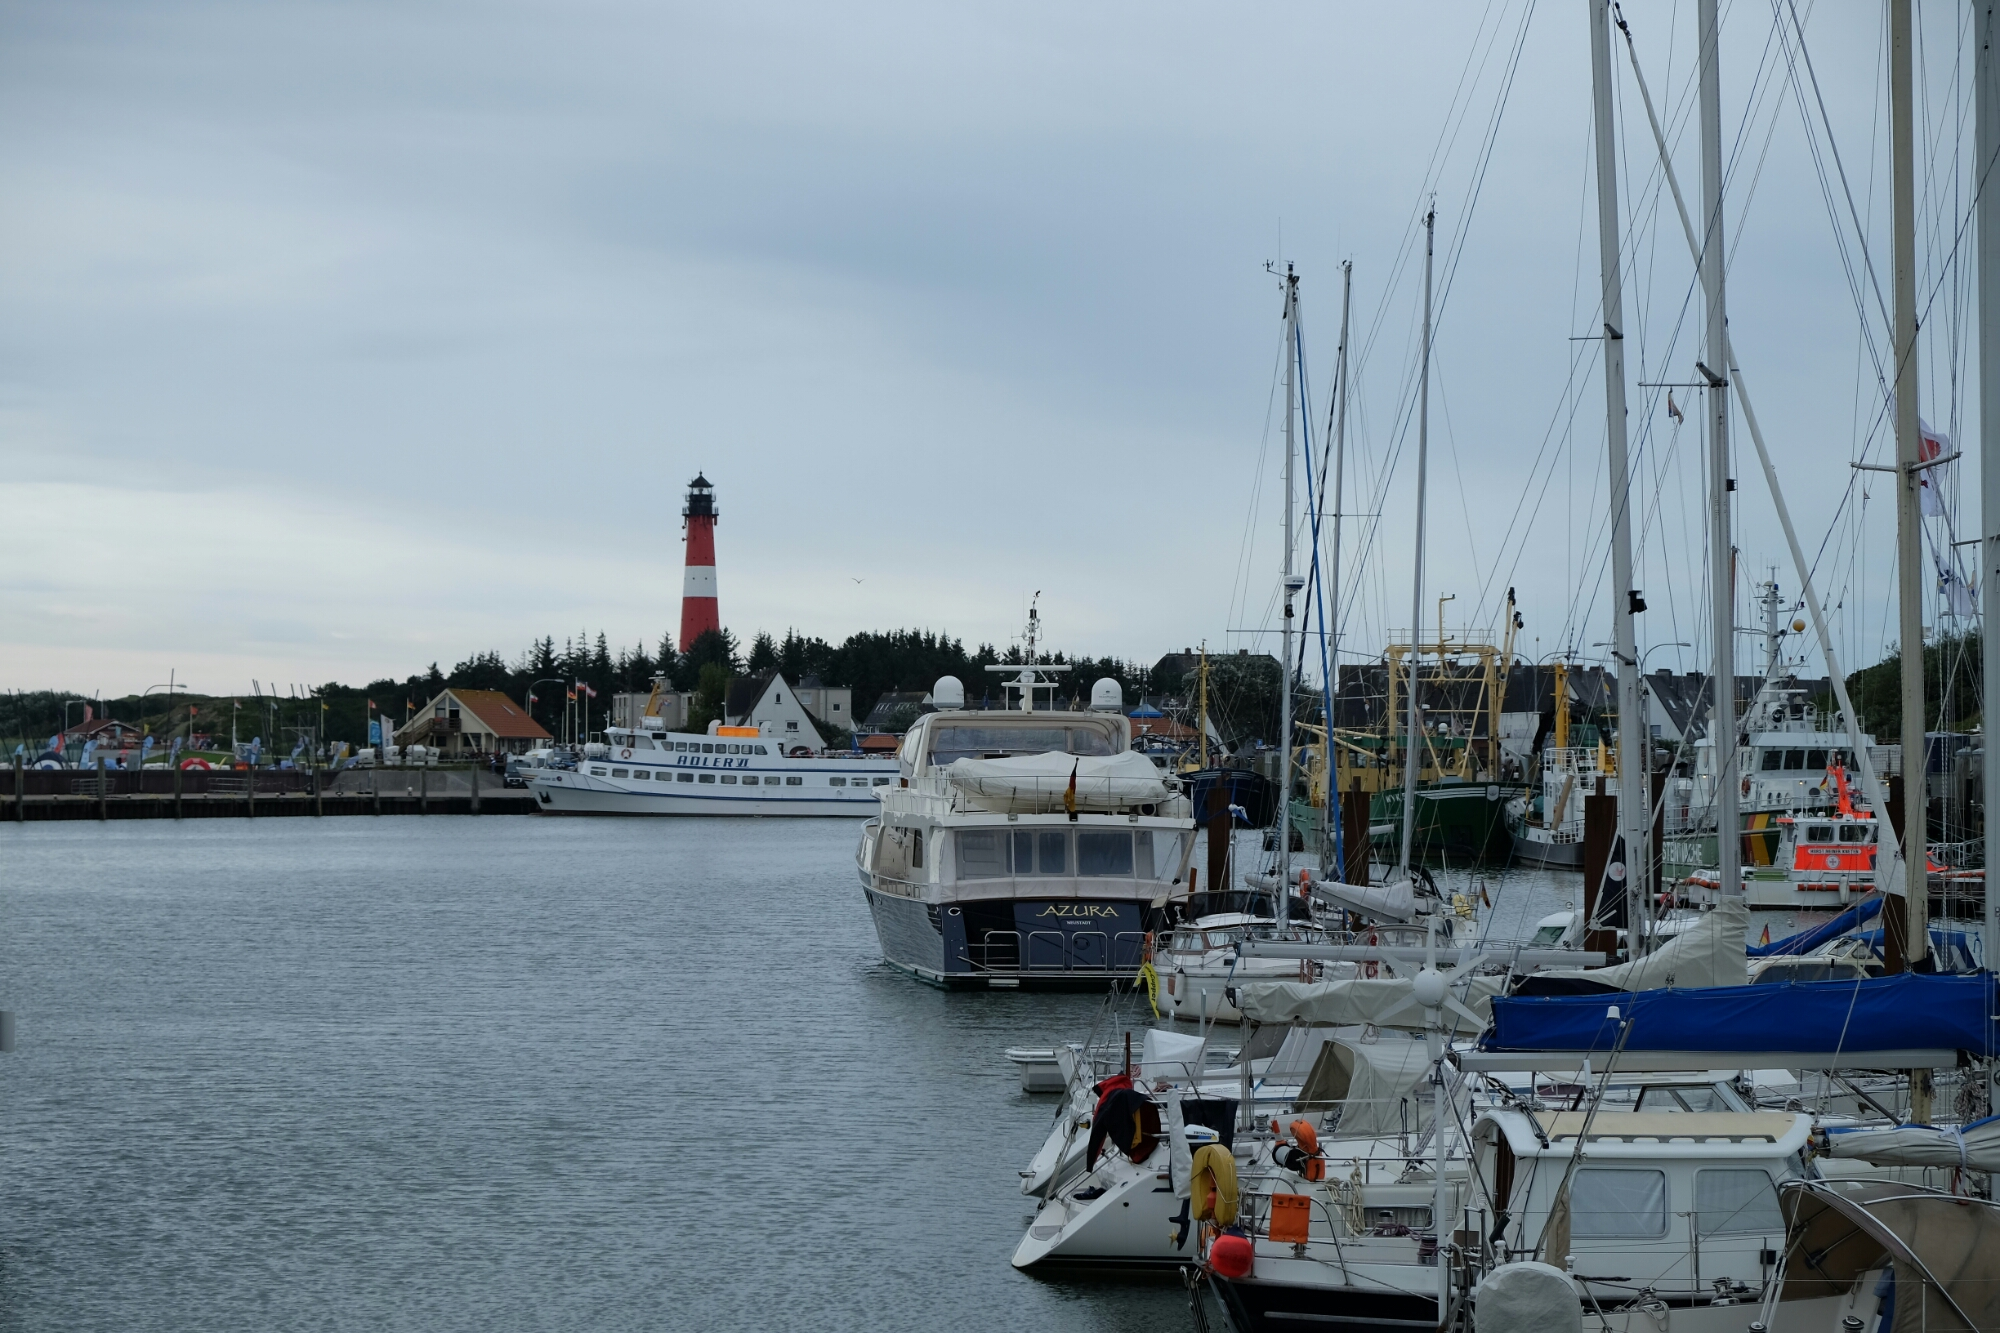 Hafen von Hörnum (Sylt)